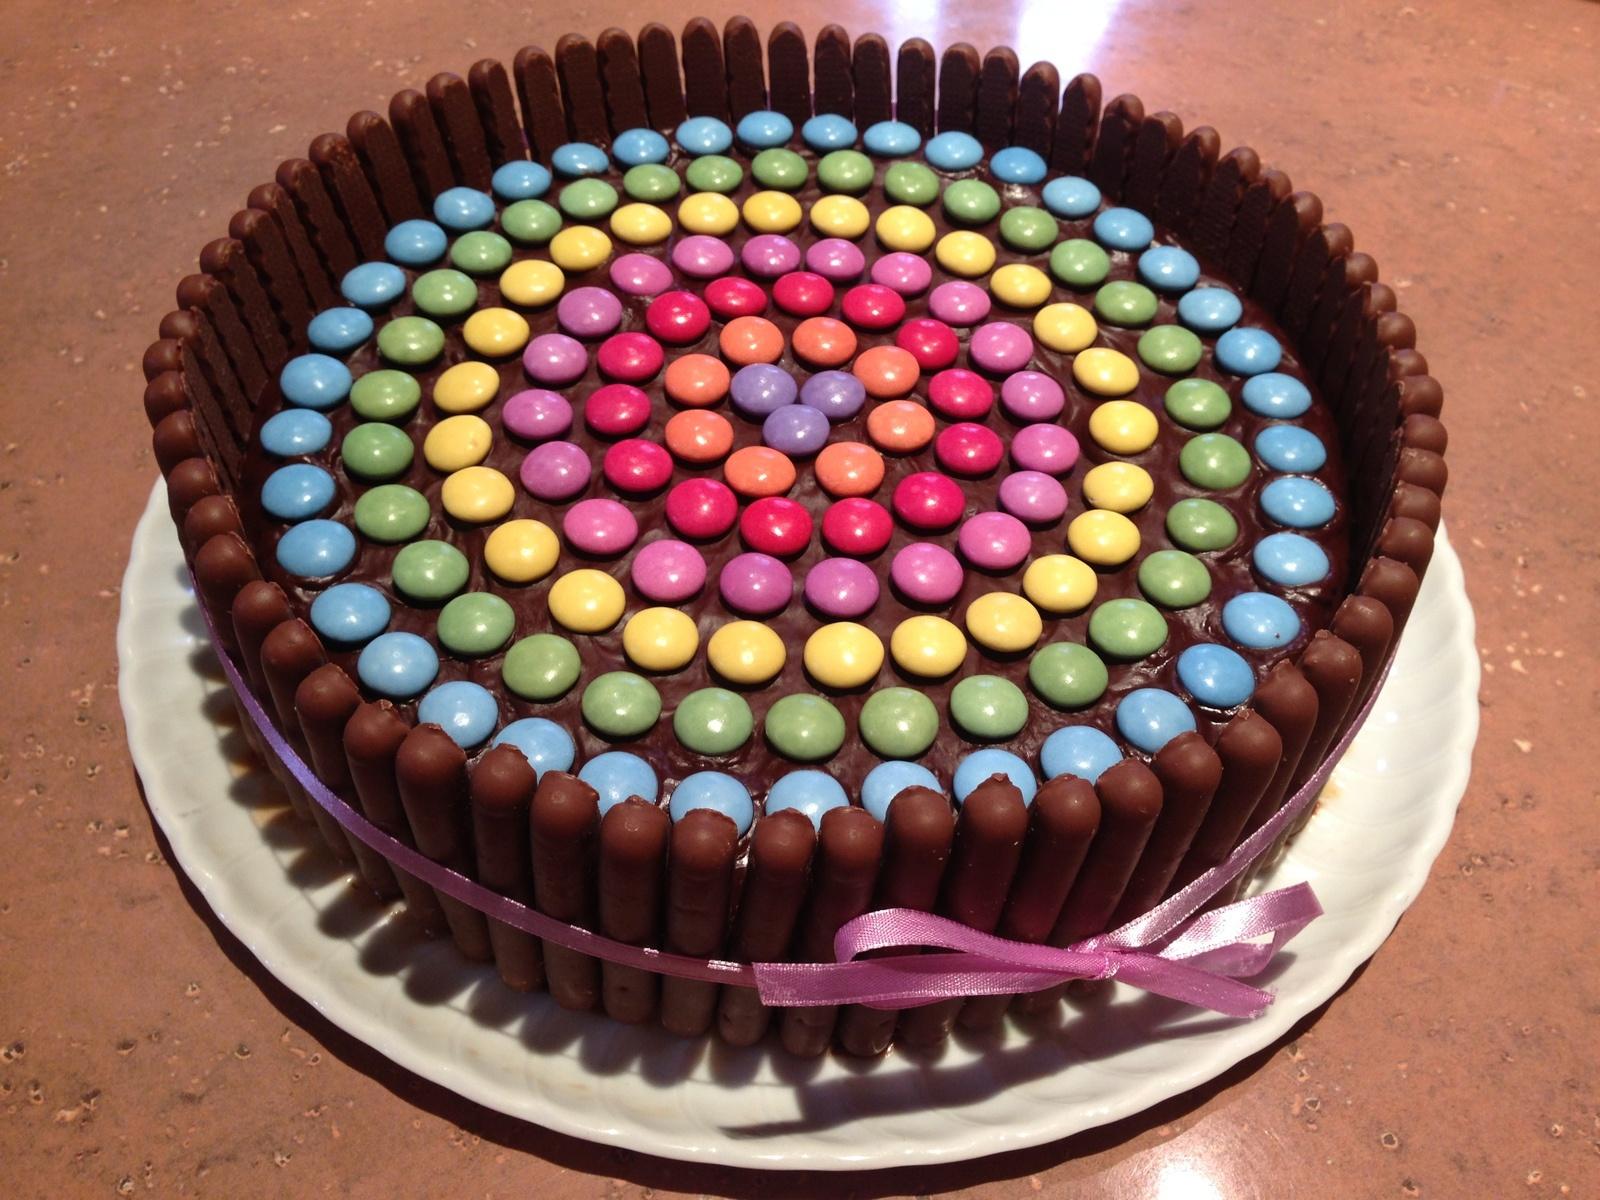 Фото tort ukrashennyj konfetami i shokoladkami 45.